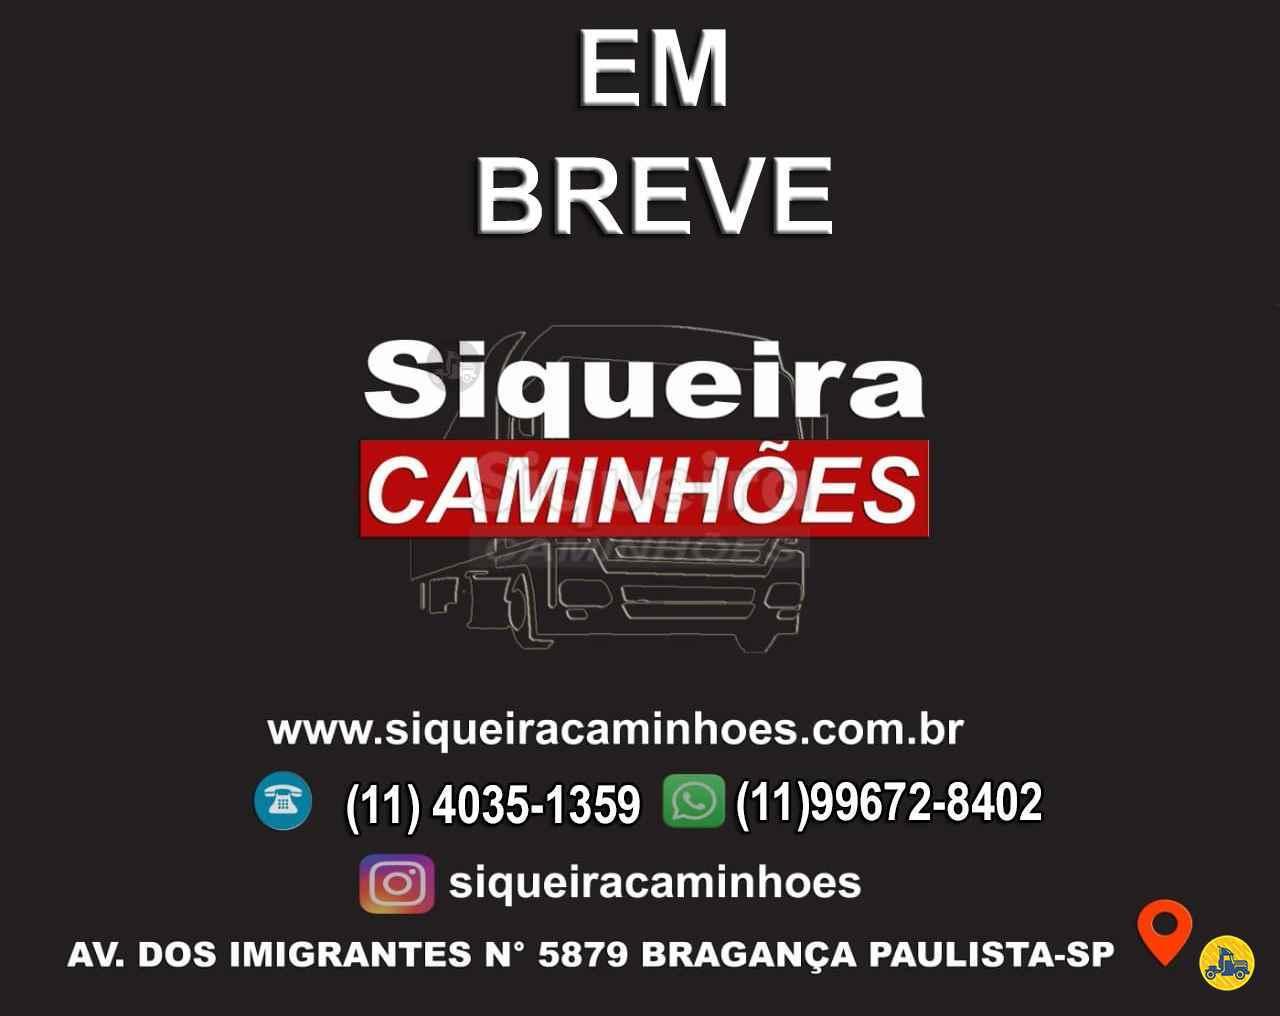 CAMINHAO VOLKSWAGEN VW 24250 Chassis Truck 6x2 Siqueira Caminhões BRAGANCA PAULISTA SÃO PAULO SP